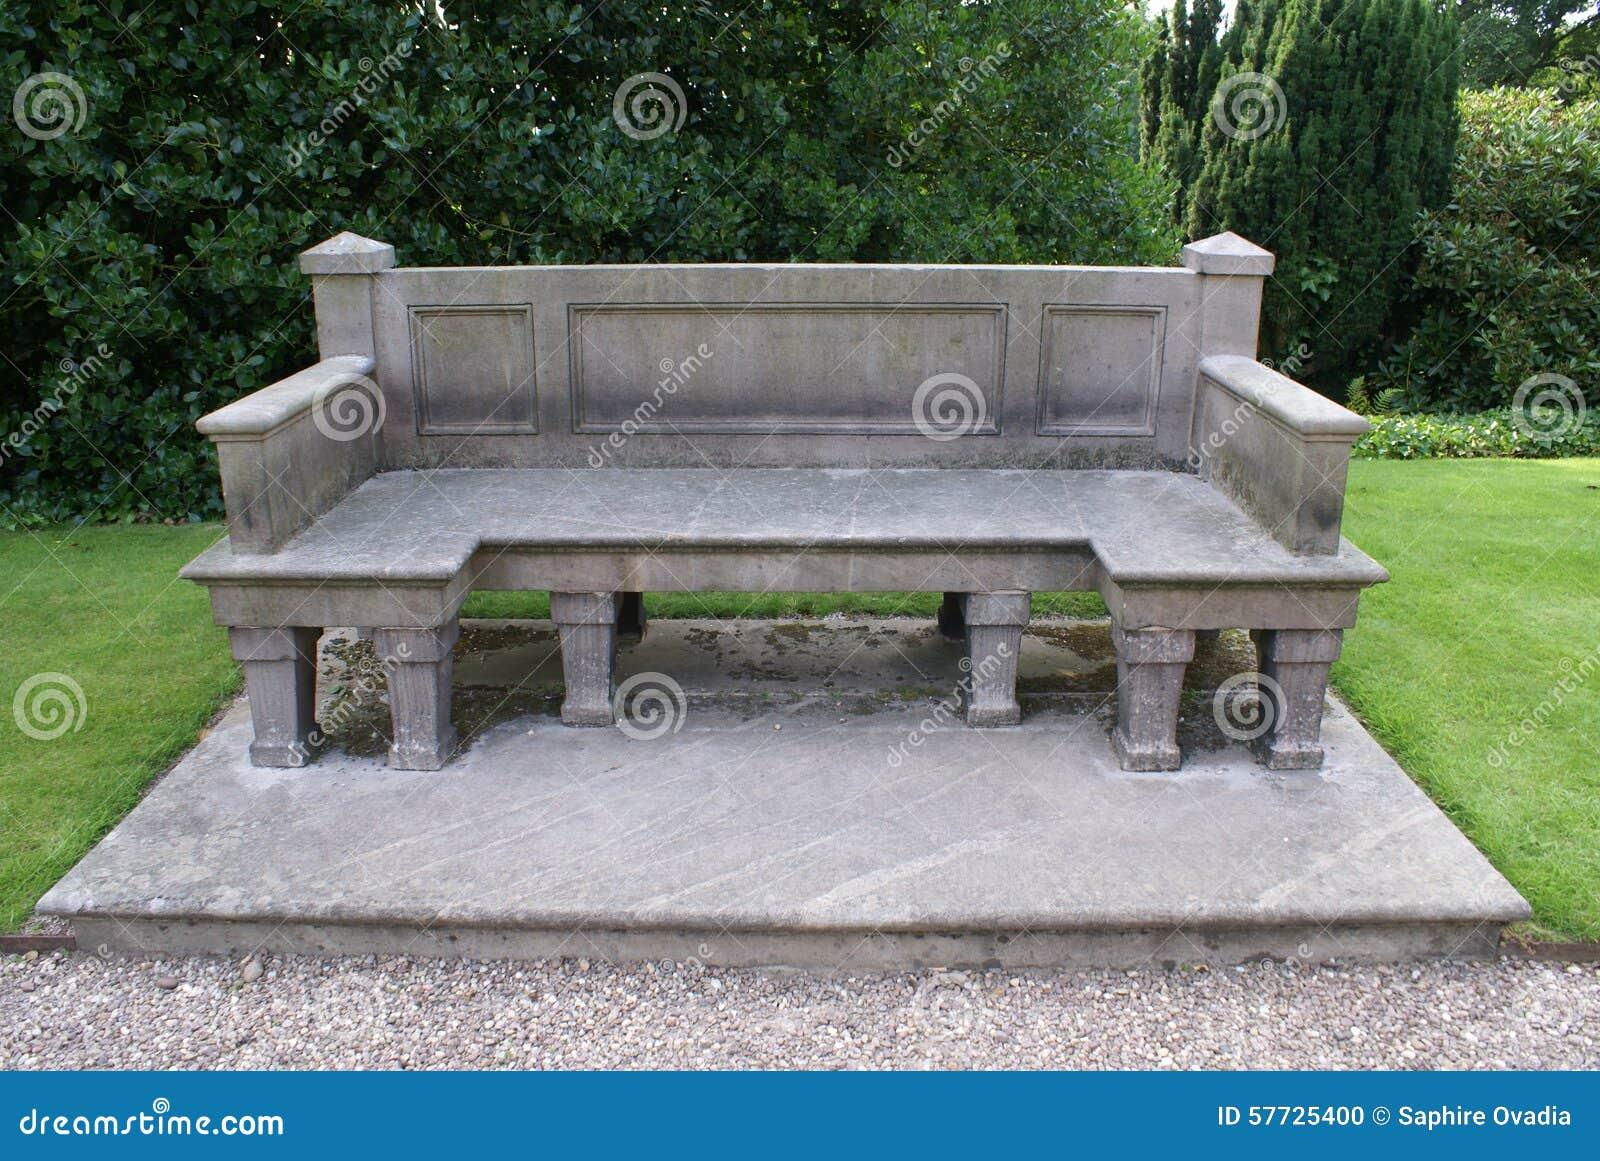 Sedile Di Pietra Lapidi Il Banco Fotografia Stock Immagine Di